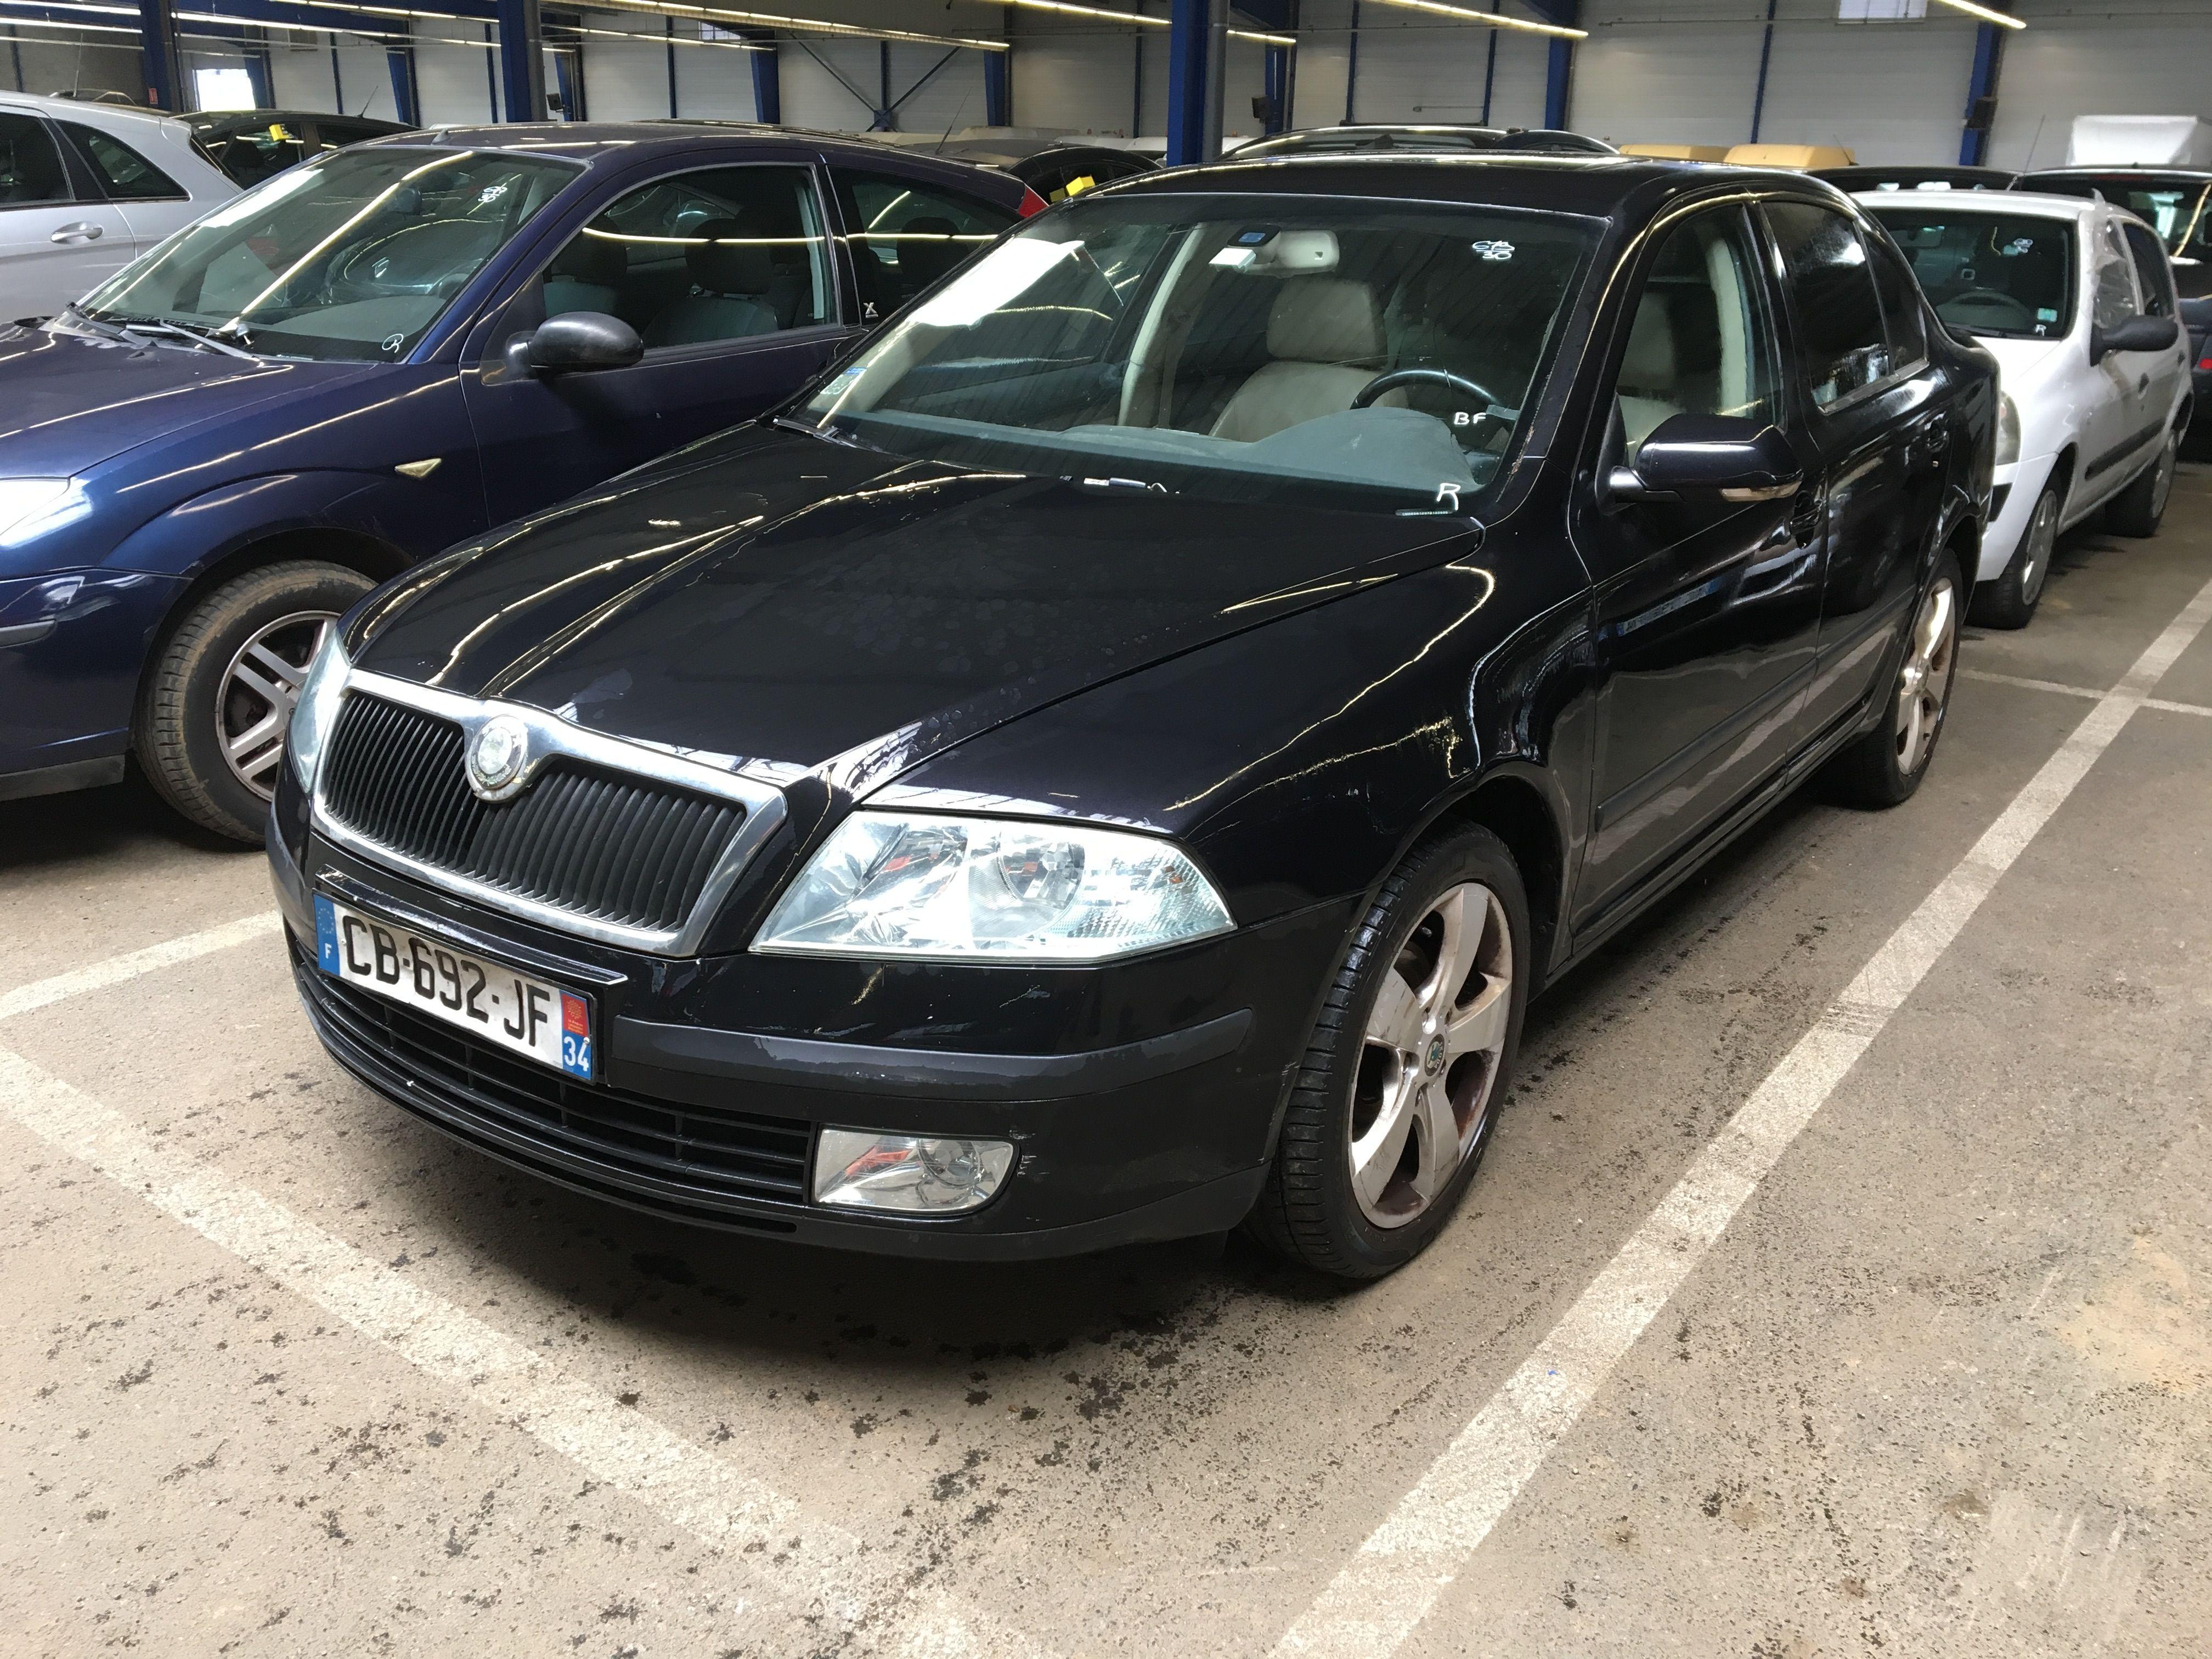 Skoda Octavia 06 2004 11 2008 Octavia 1 9 Tdi 105 S Alcopa Auction